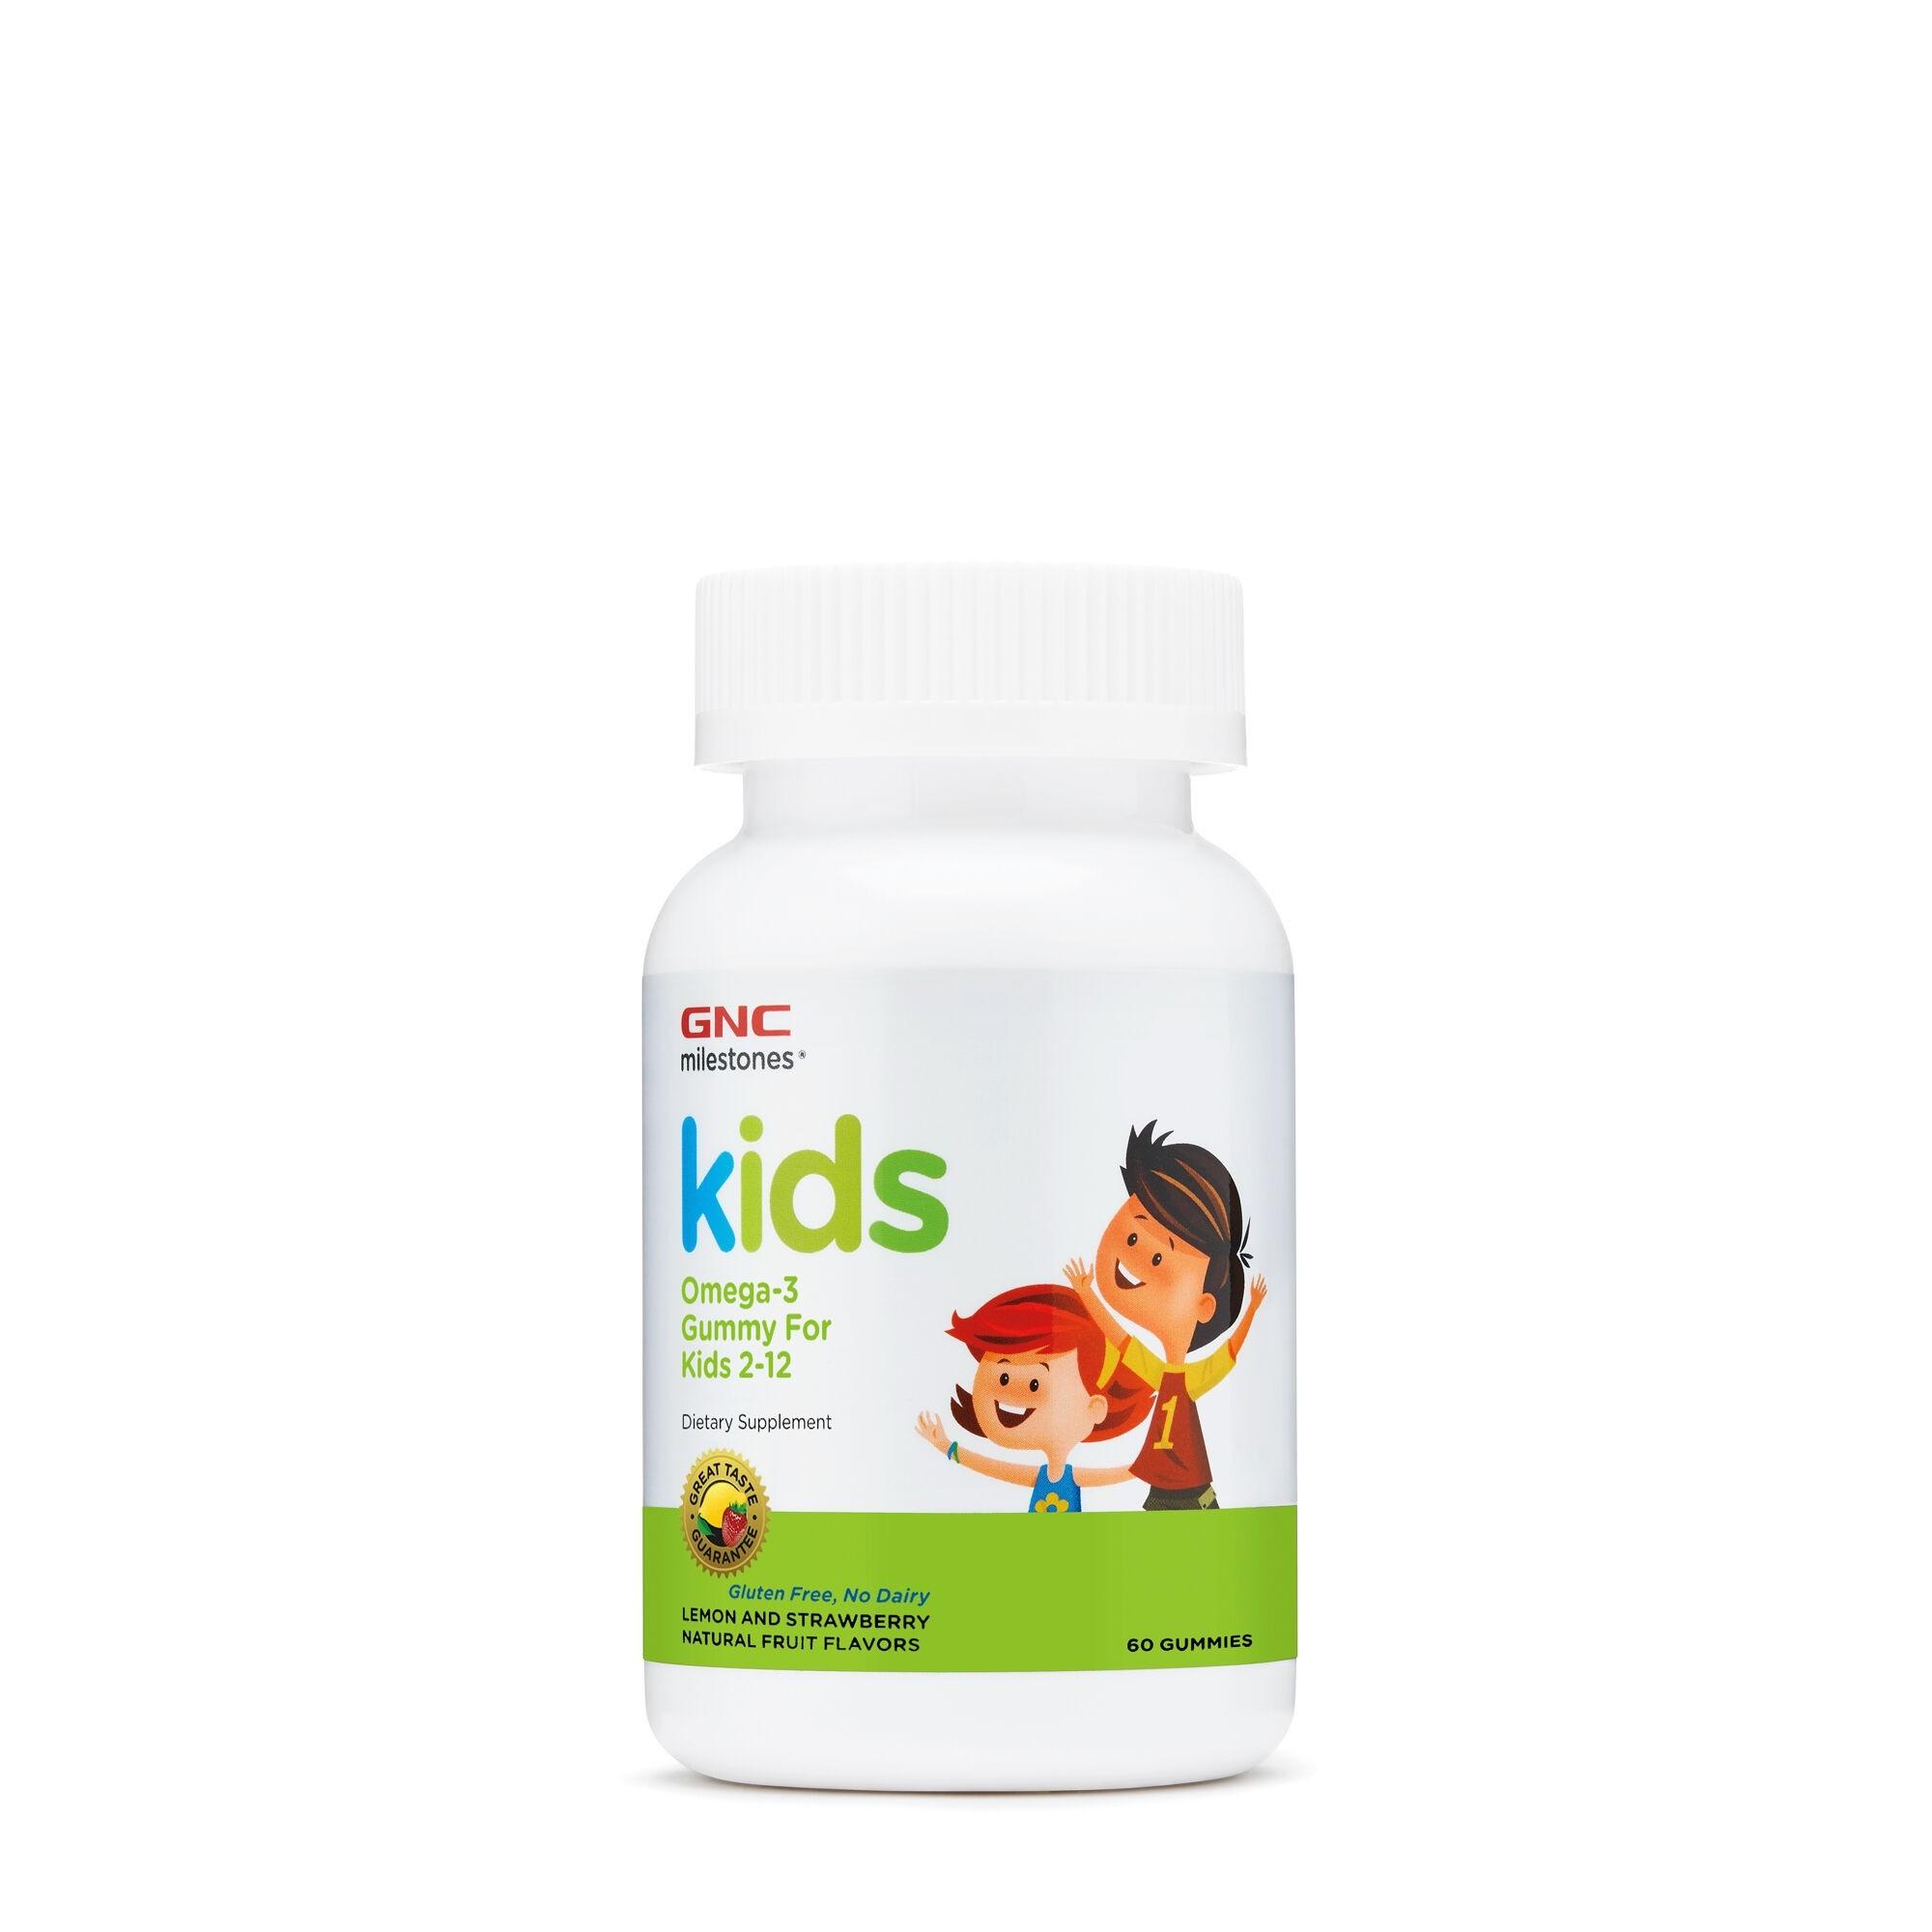 GNC Milestones® Kids Omega-3 Gummy, Acizi Grasi Omega-3 pentru Copii 2-12 Ani, cu Aroma Naturala de Lamaie si Capsuni, 60 jeleuri